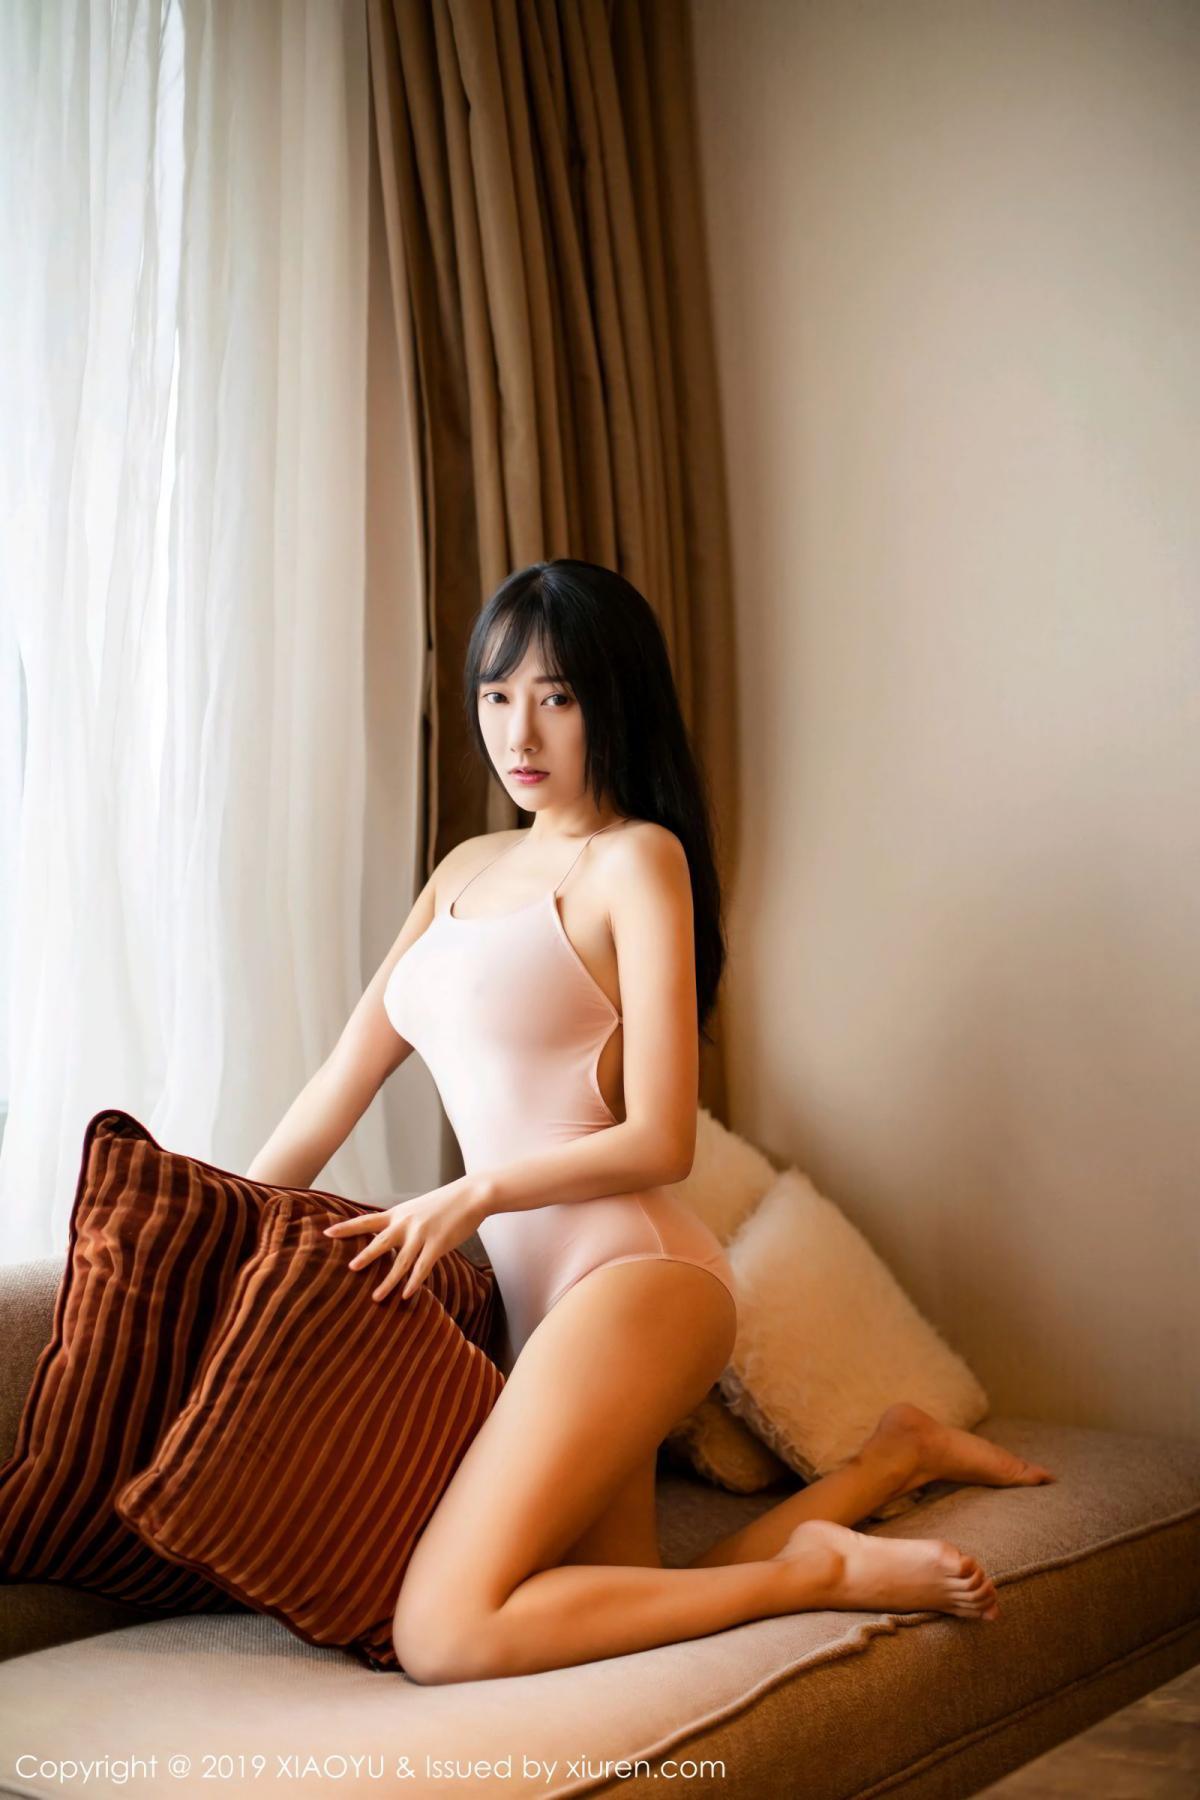 [XiaoYu] Vol.097 He Jia Ying 14P, He Jia Ying, Tall, XiaoYu